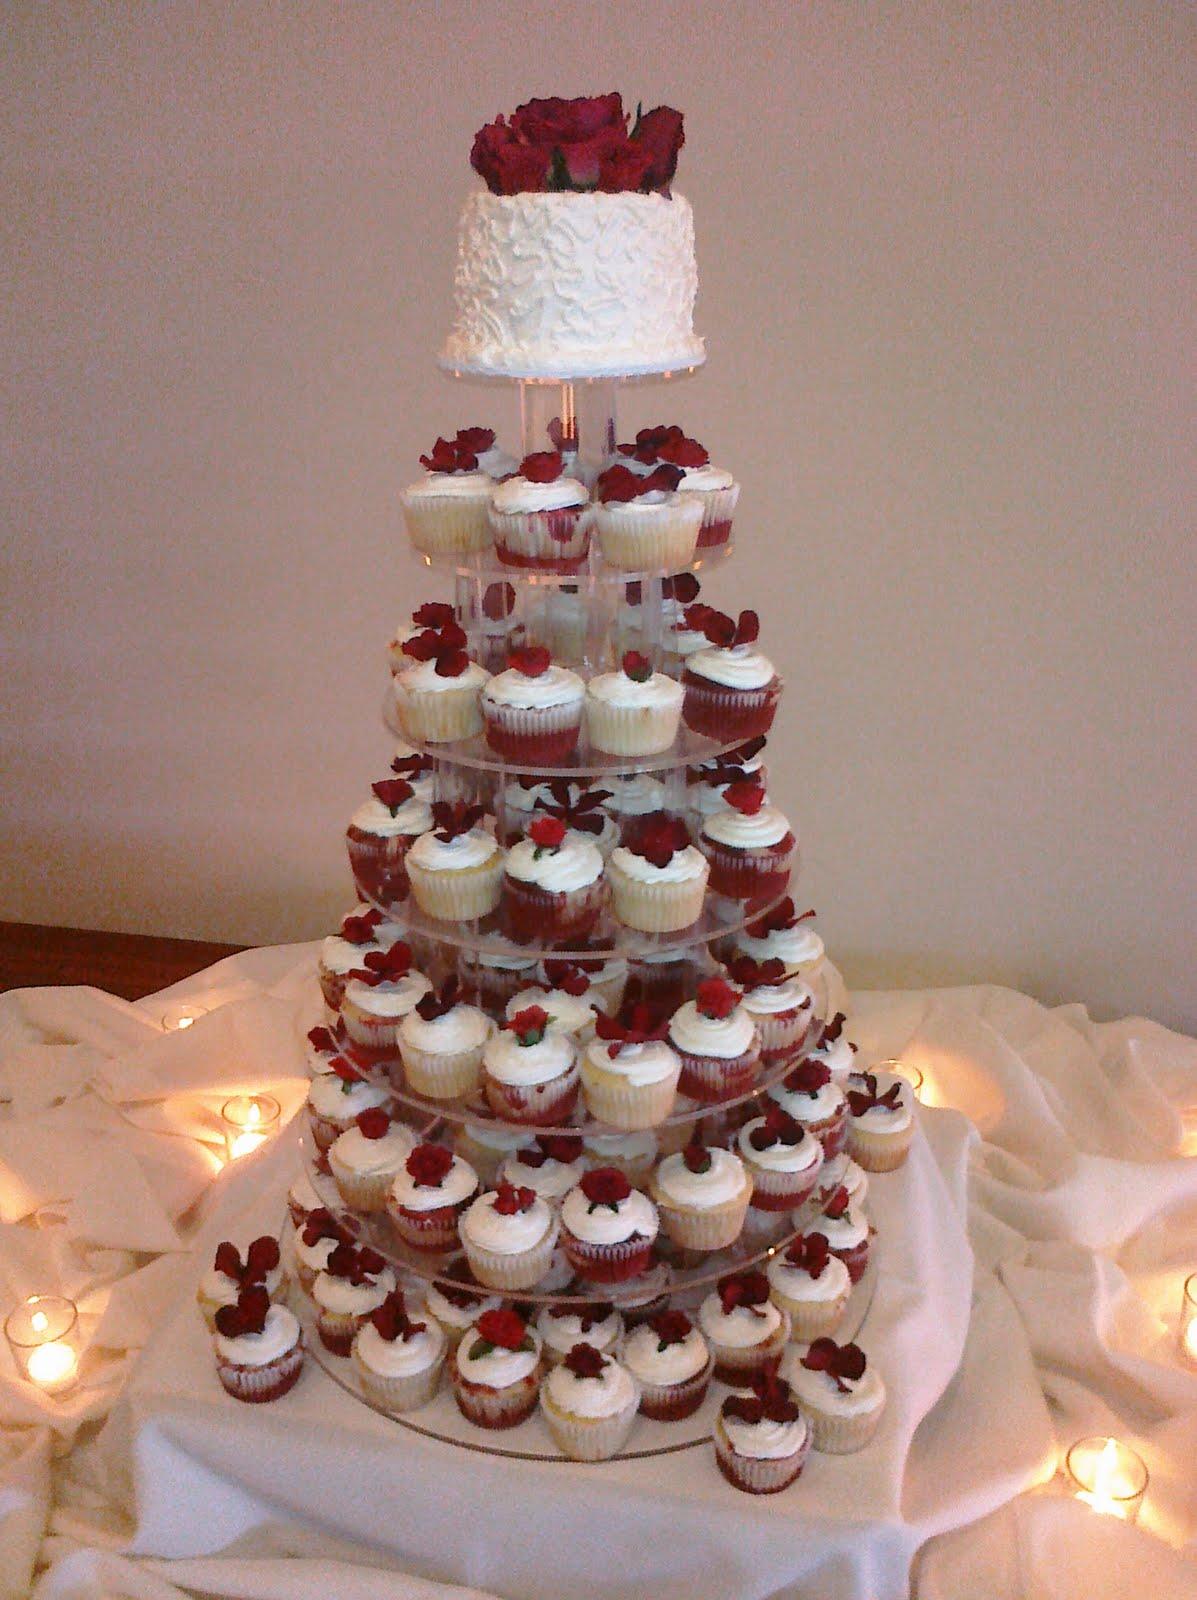 Walmart Bakery Wedding Cakes Prices